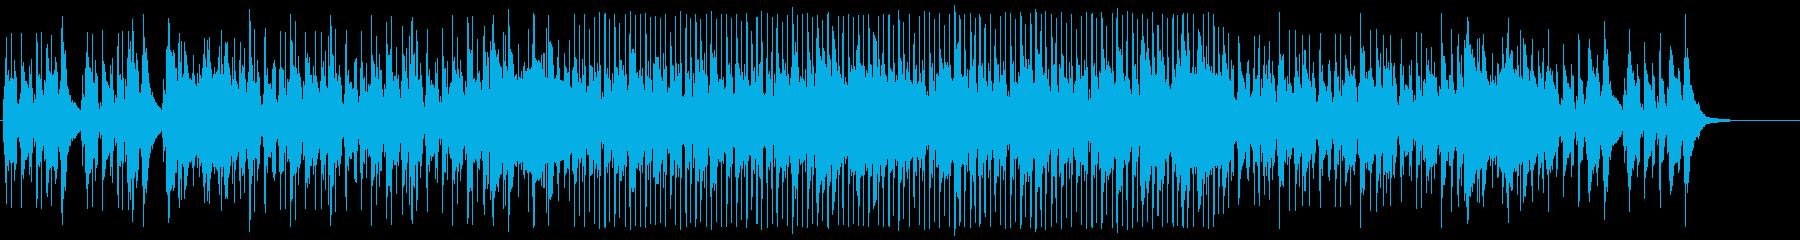 アップテンポのアコースティックギタ...の再生済みの波形